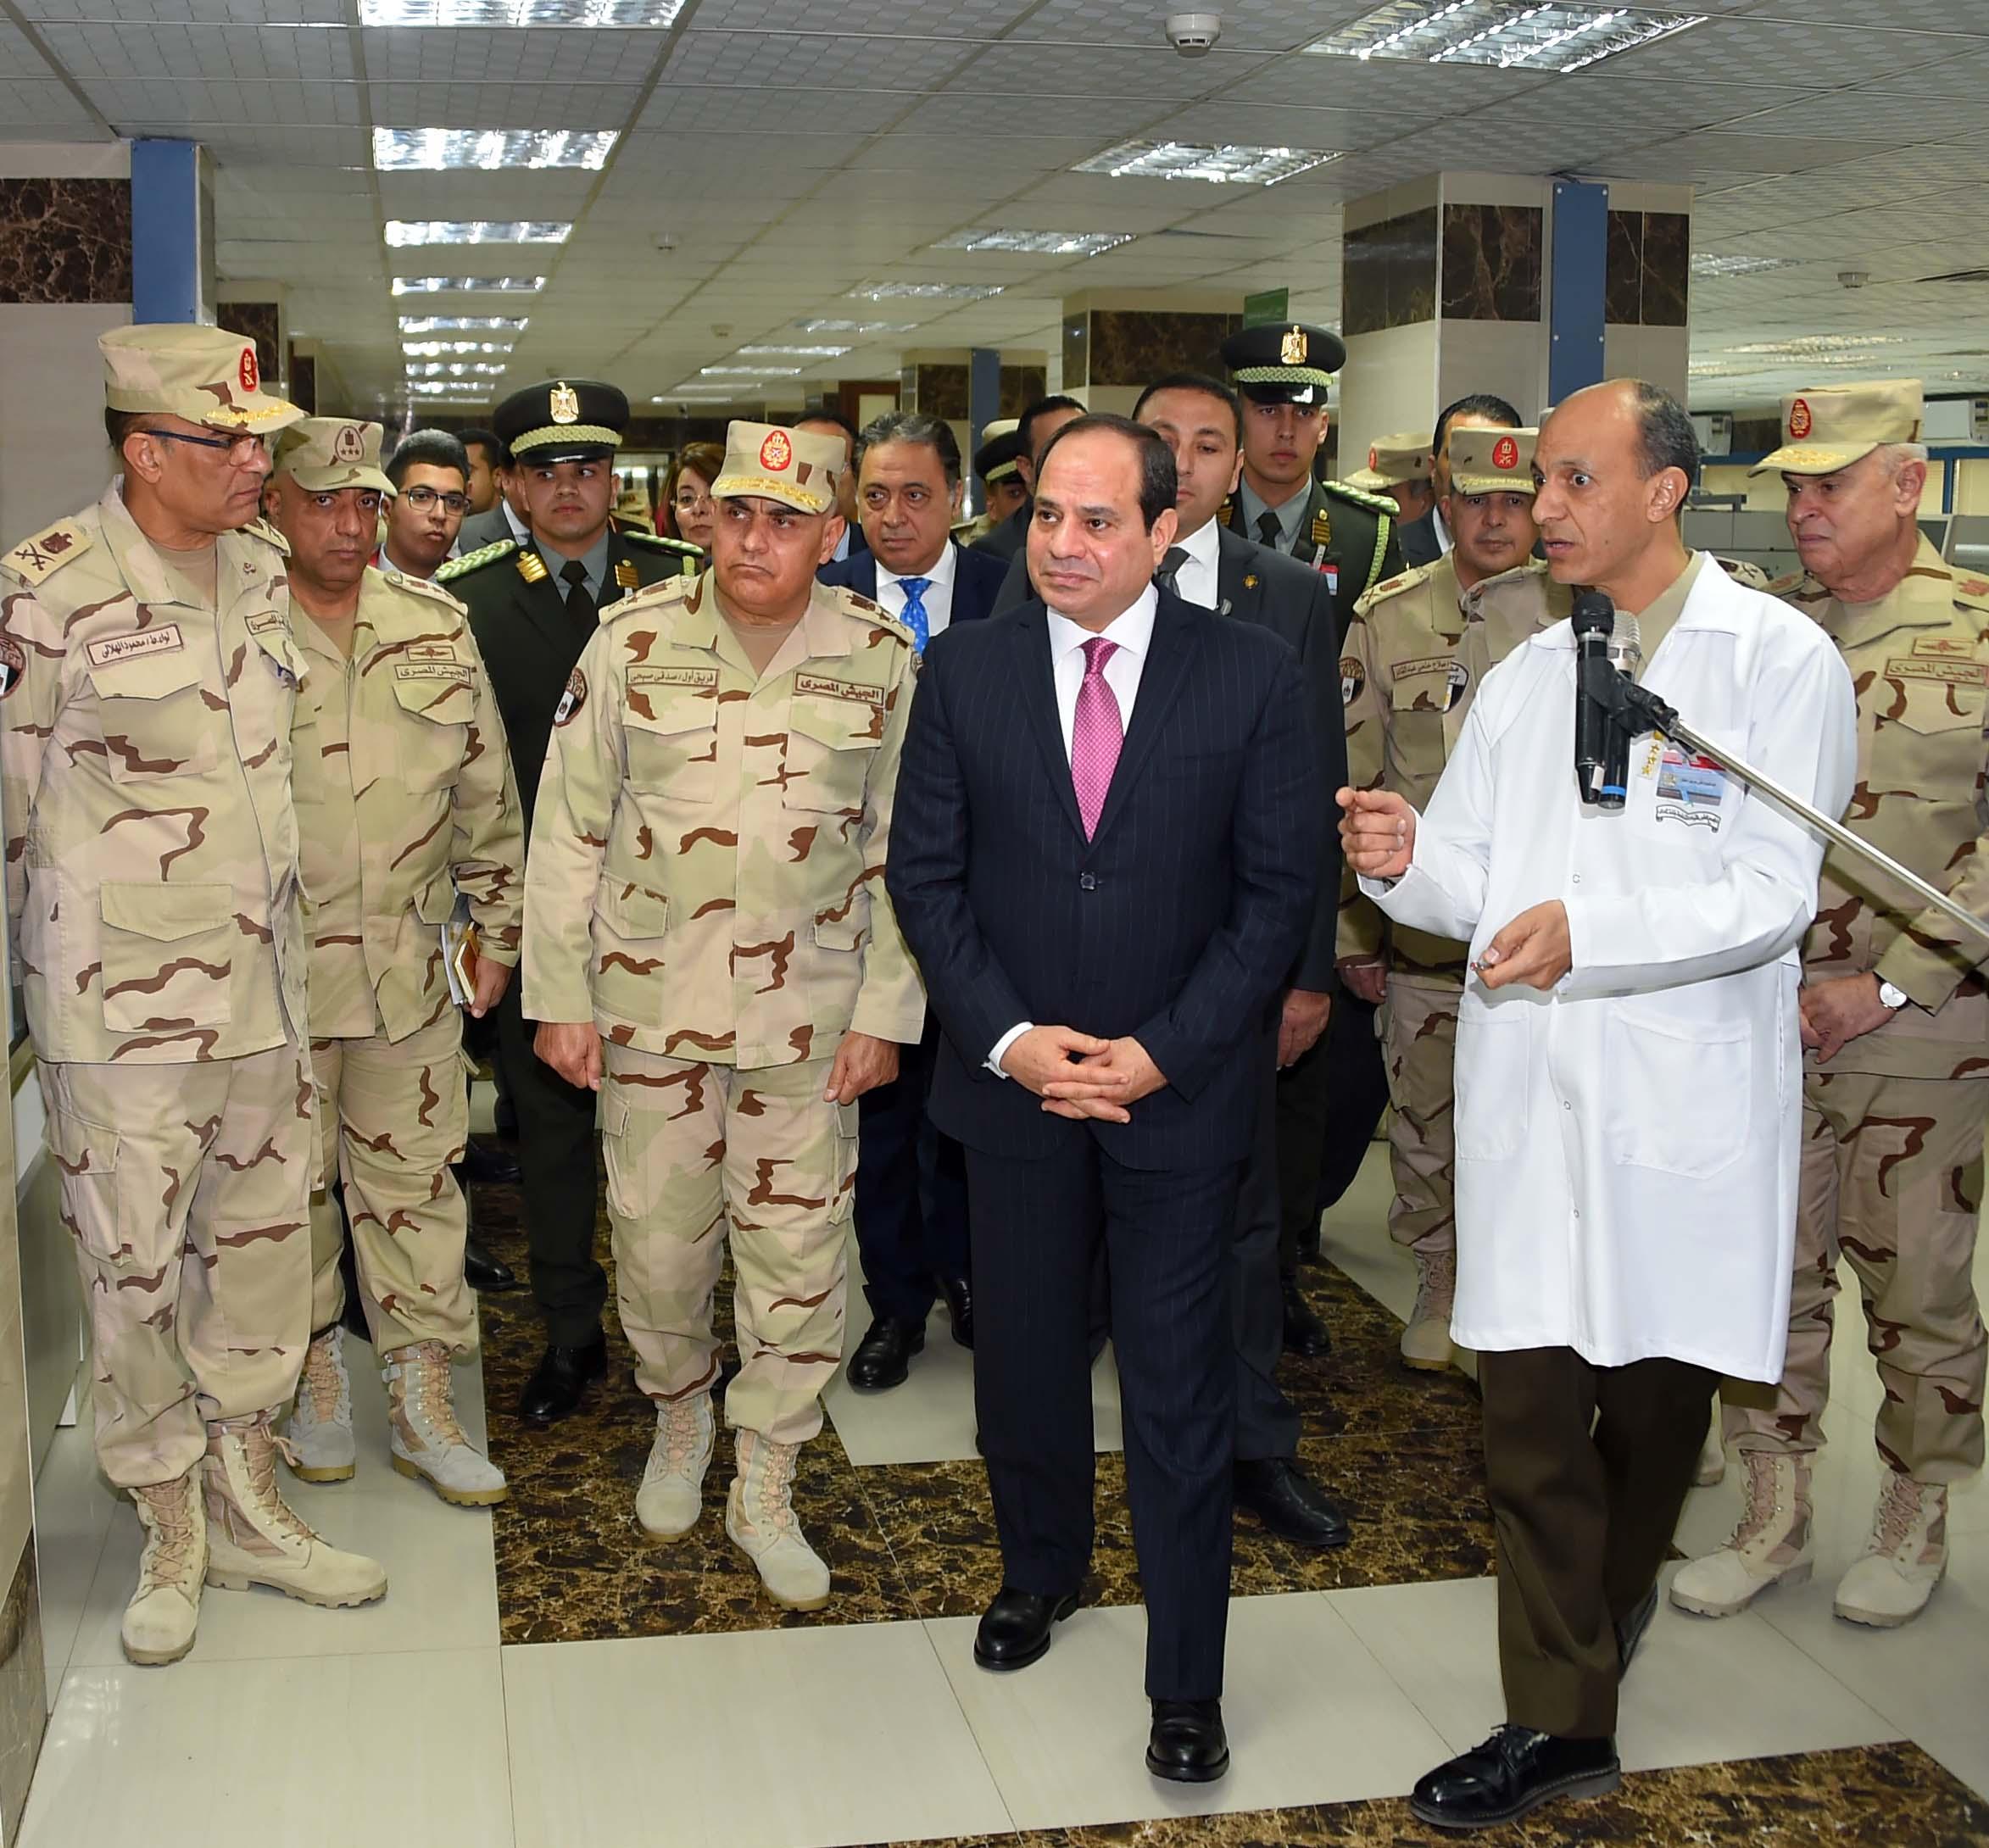 صور افتتاح السيد الرئيس لأعمال تطوير المجمع الطبي للقوات المسلحة بالمعادي12-1-2018 (1)